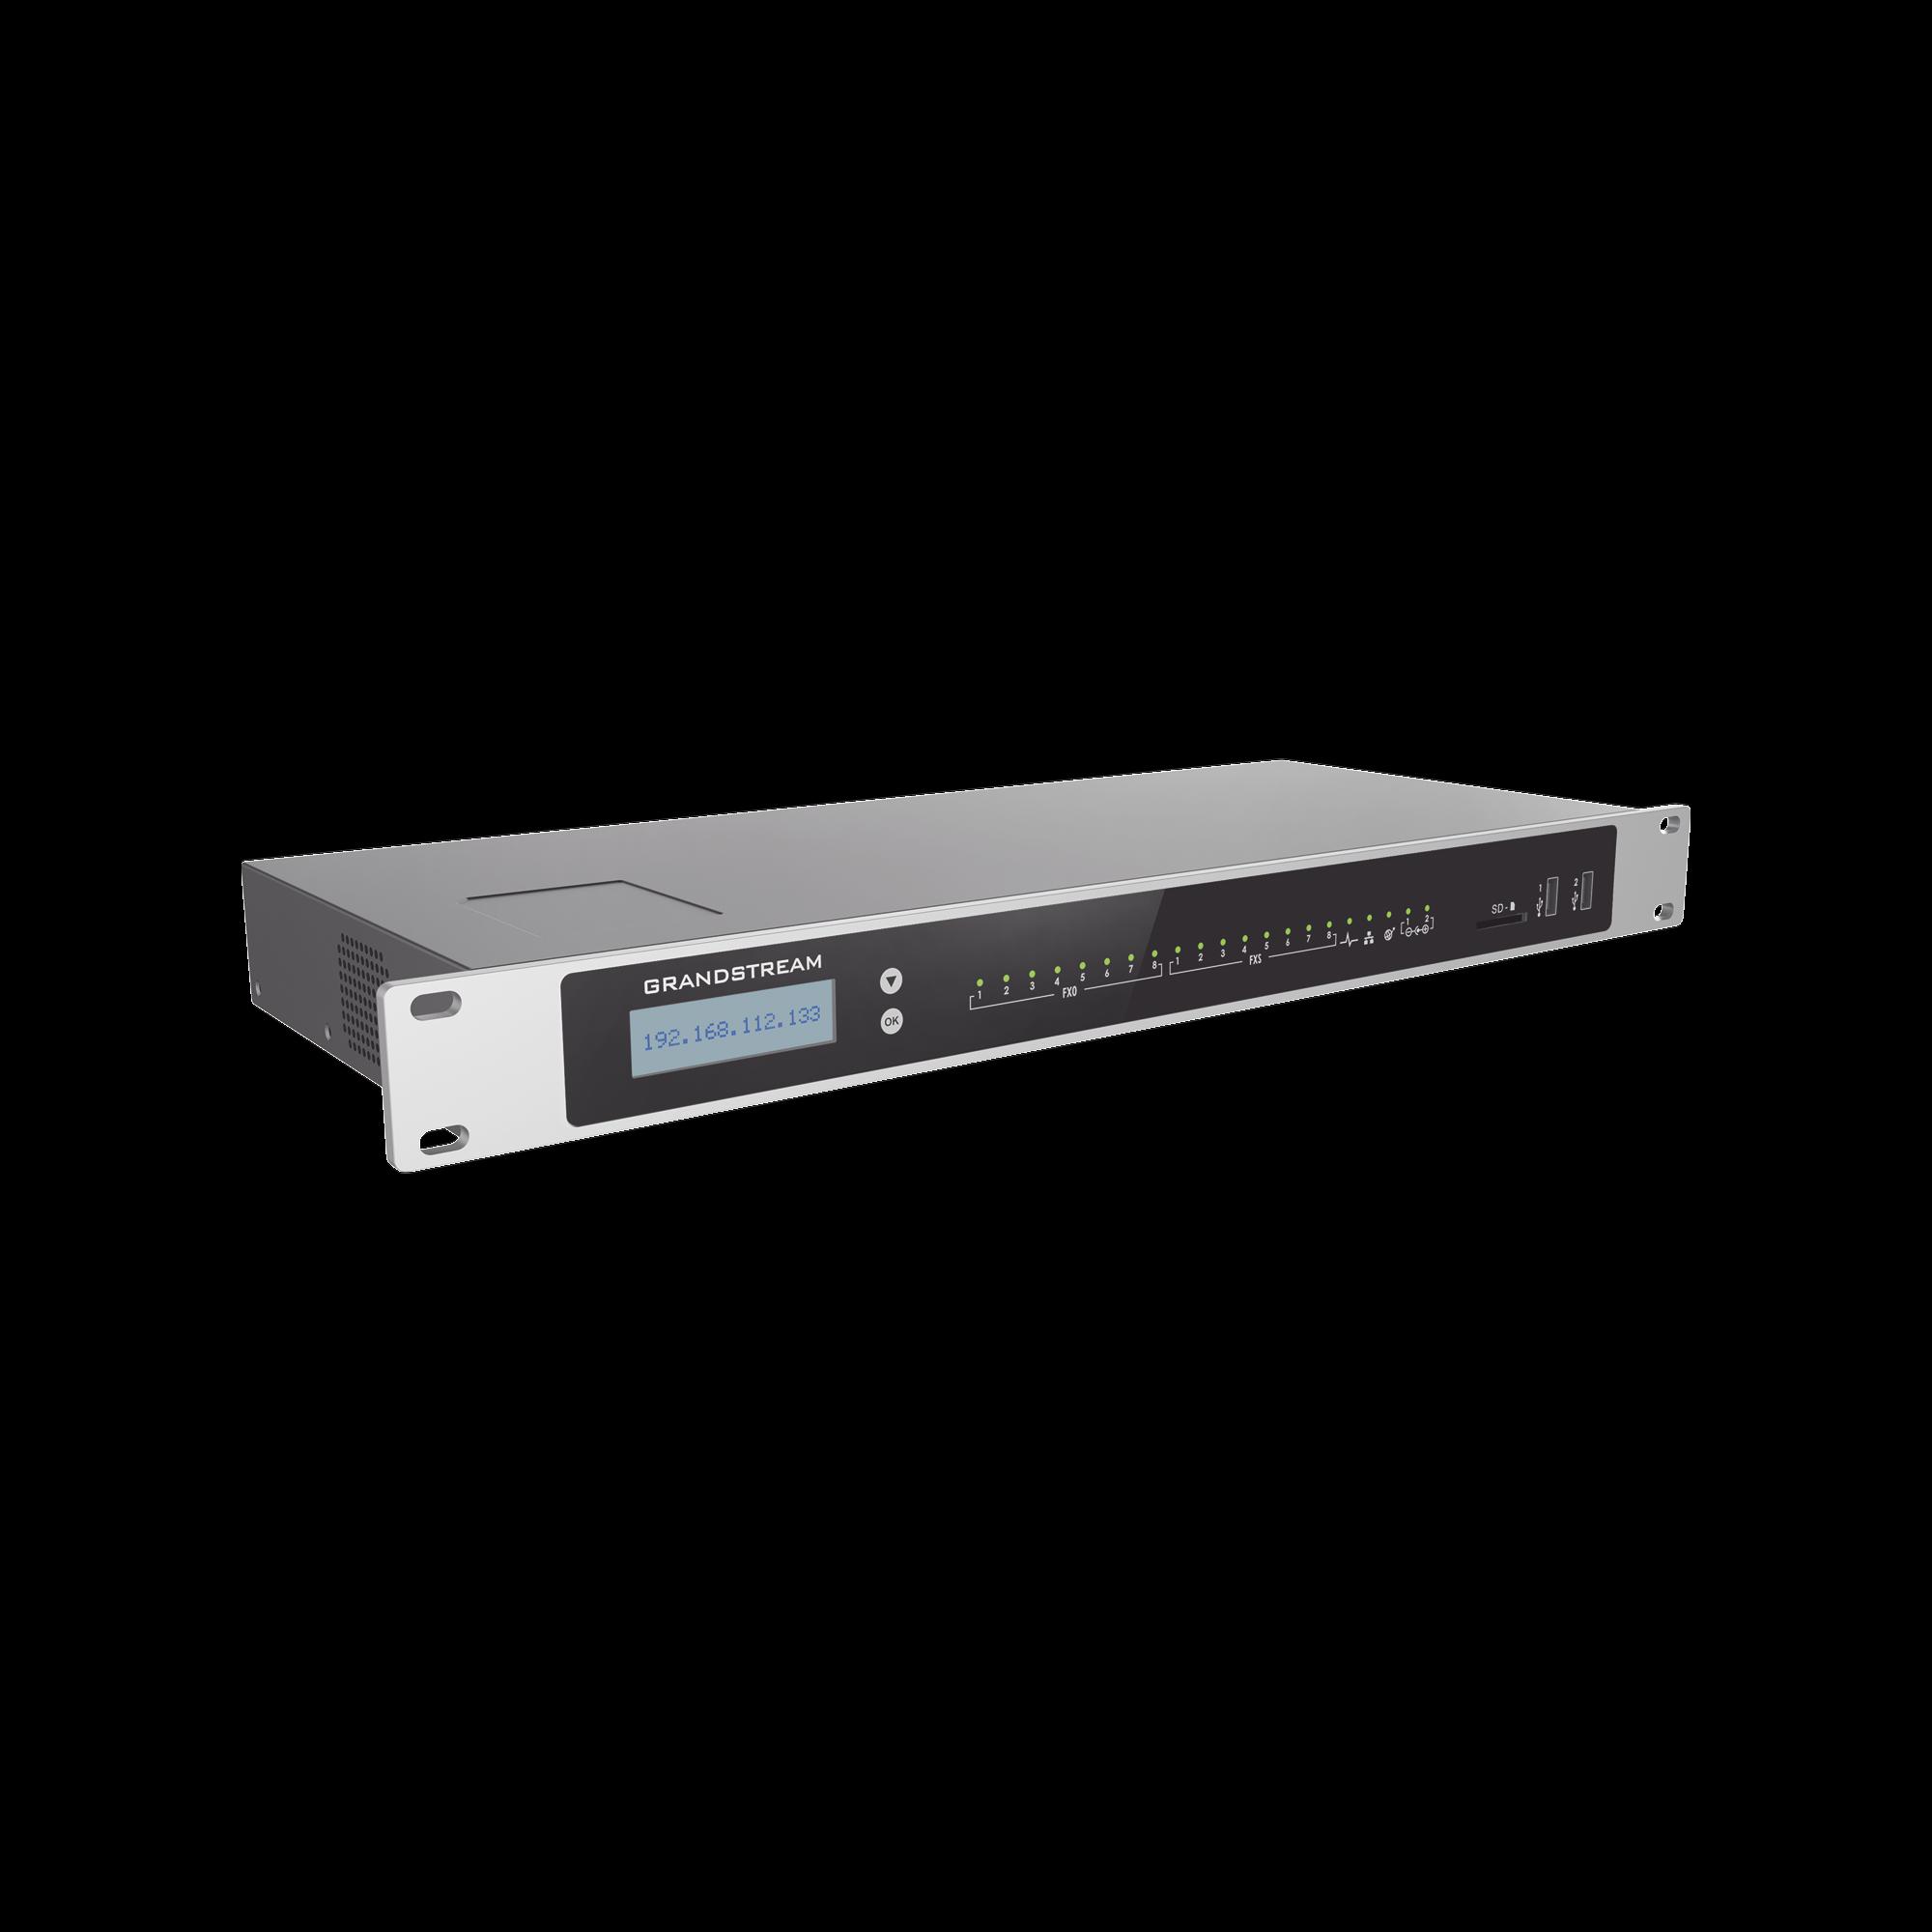 Conmutador IP-PBX 3000 usuarios, 8FXO, 8FXS,  para solución de comunicaciones unificadas y colaboración